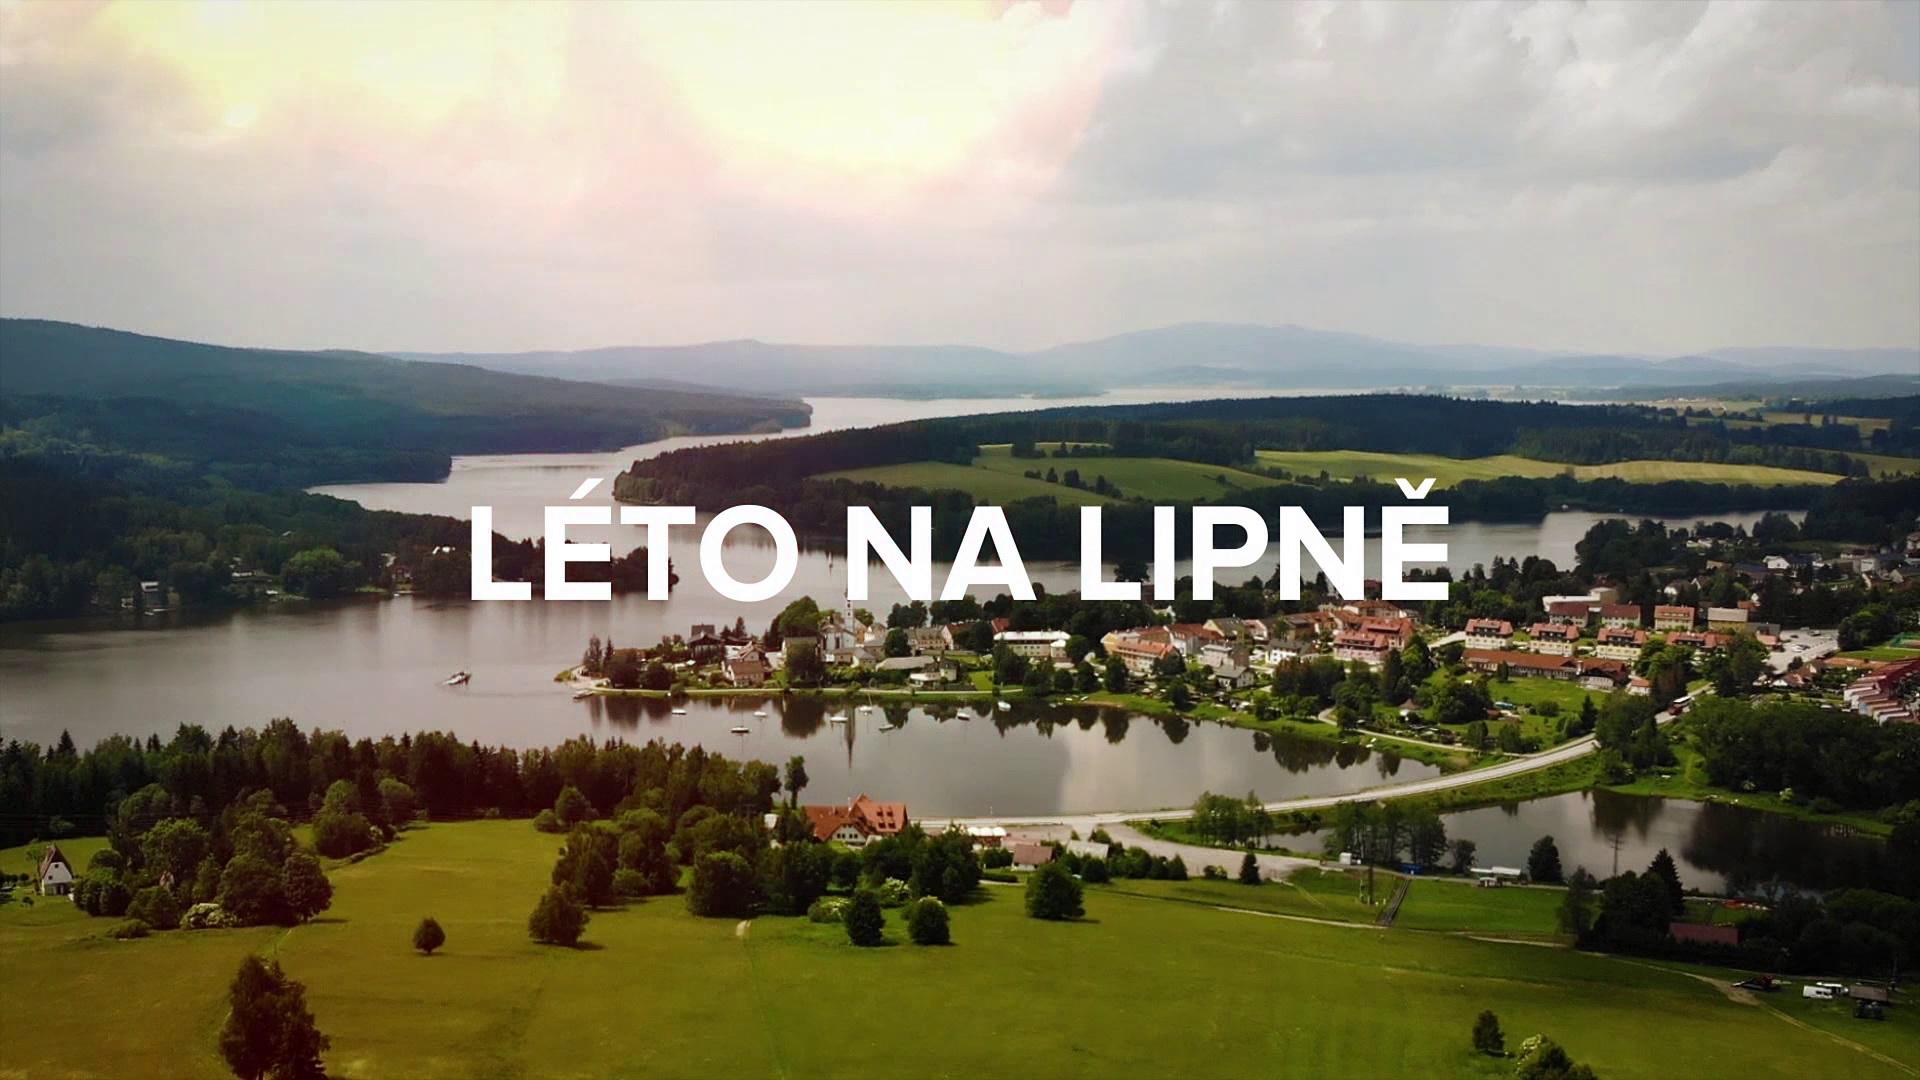 Léto na Lipně